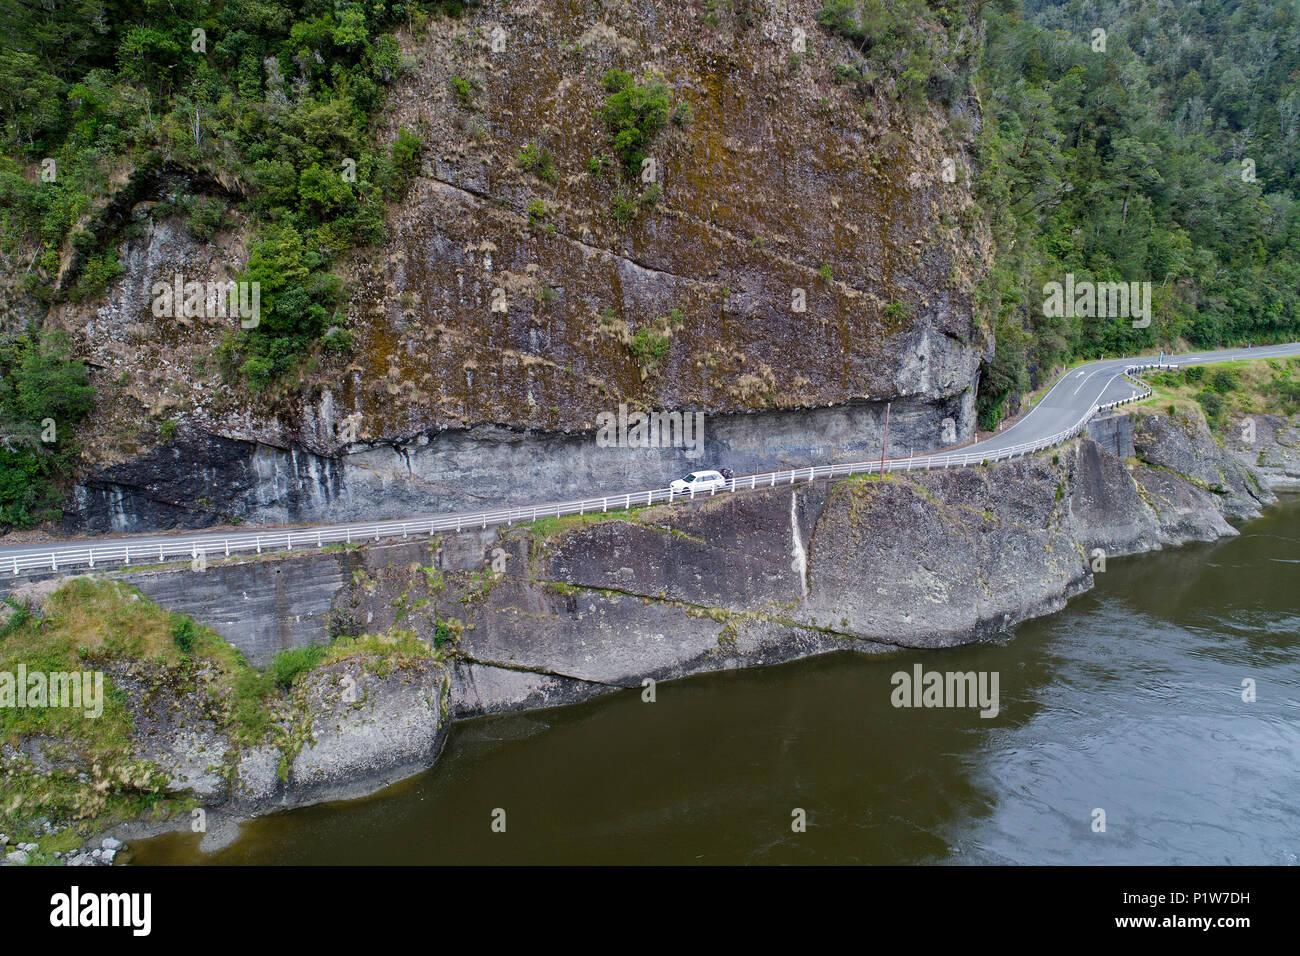 Hawks risco y Río Buller Buller Gorge, State Highway 6 cerca de Westport, Costa oeste, Isla del Sur, Nueva Zelanda - antena drone Foto de stock